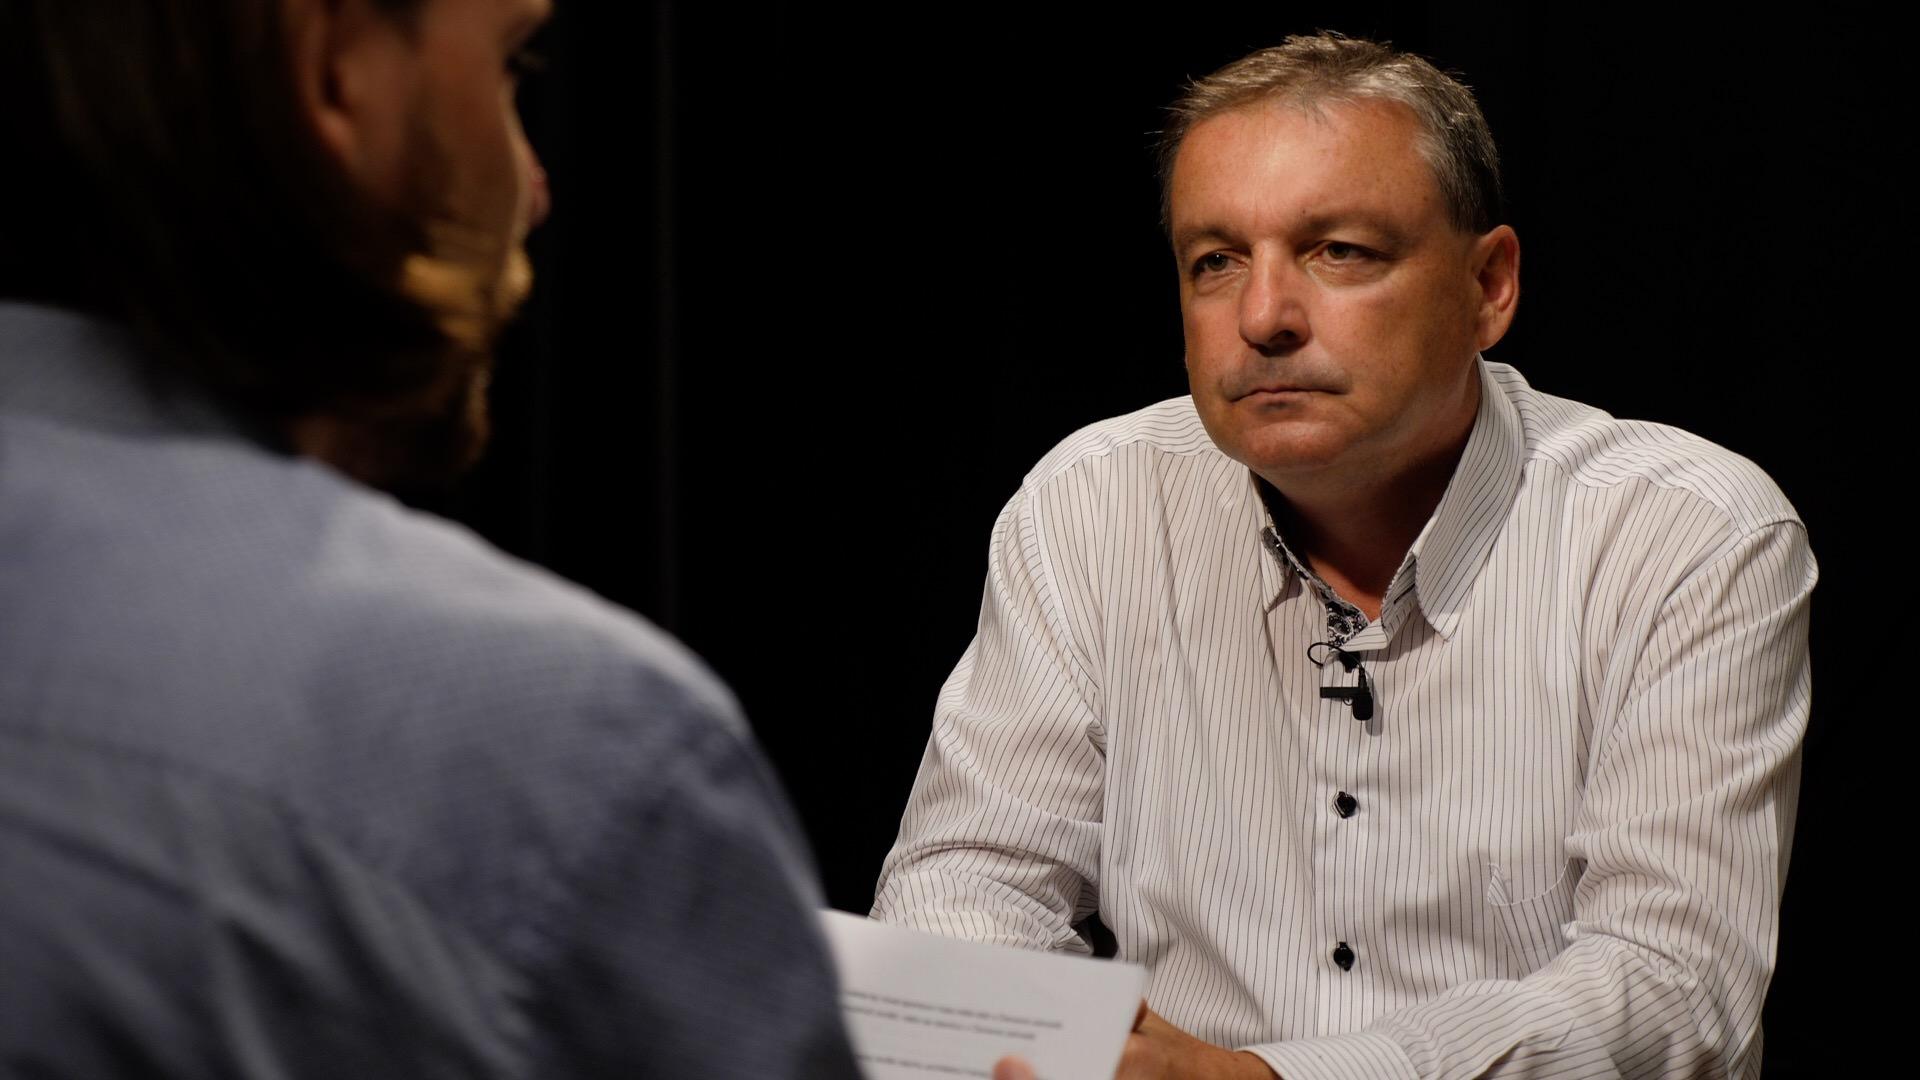 Snímek zpředvolebního rozhovoru